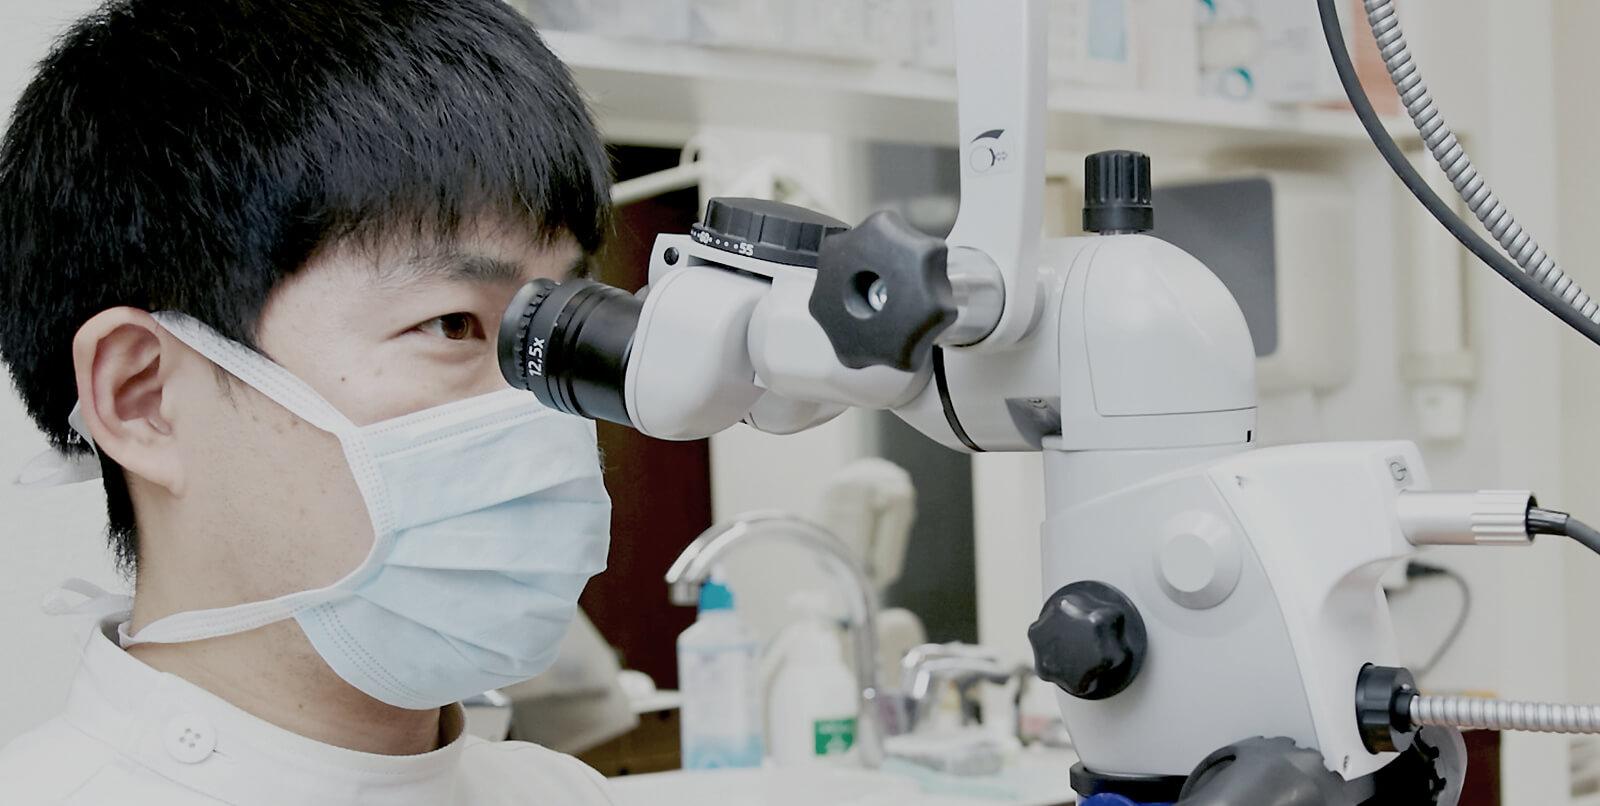 大切な歯を残すための精密な治療歯を守るために必要なことを高水準なレベルでご提供します